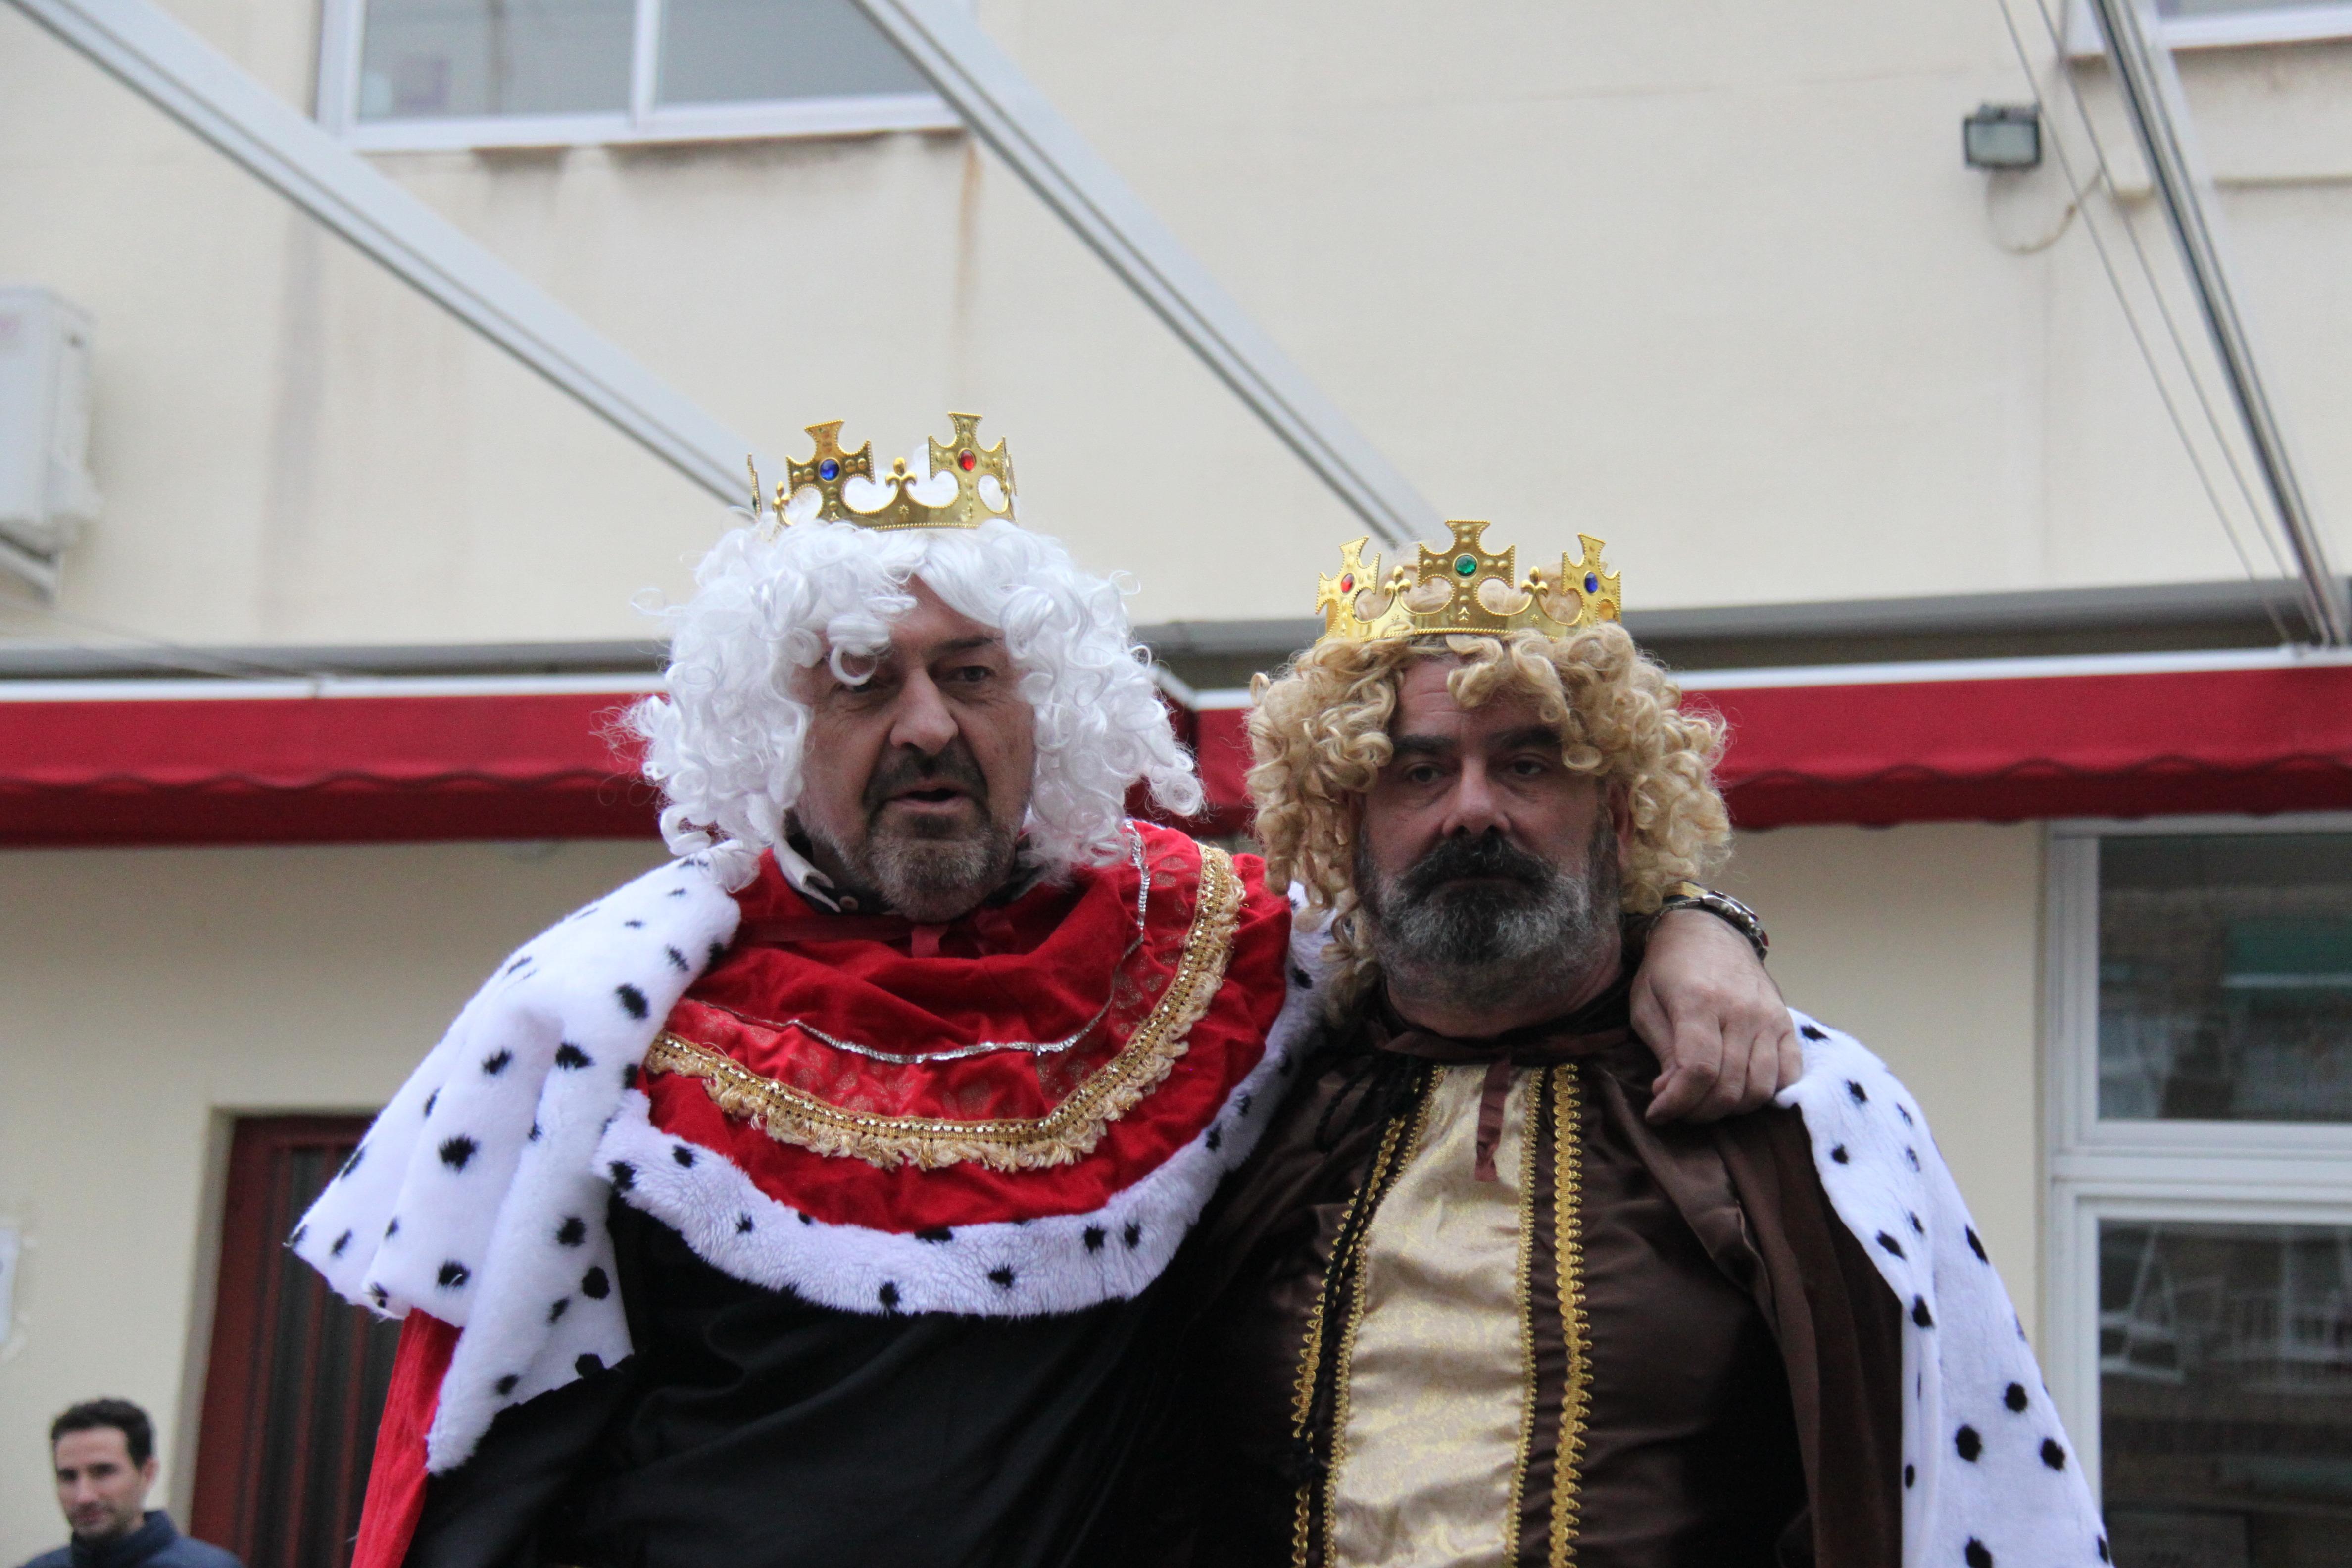 Visita de sus Majestades los Reyes Magos al colegio Luis Bello en moto 2018 2